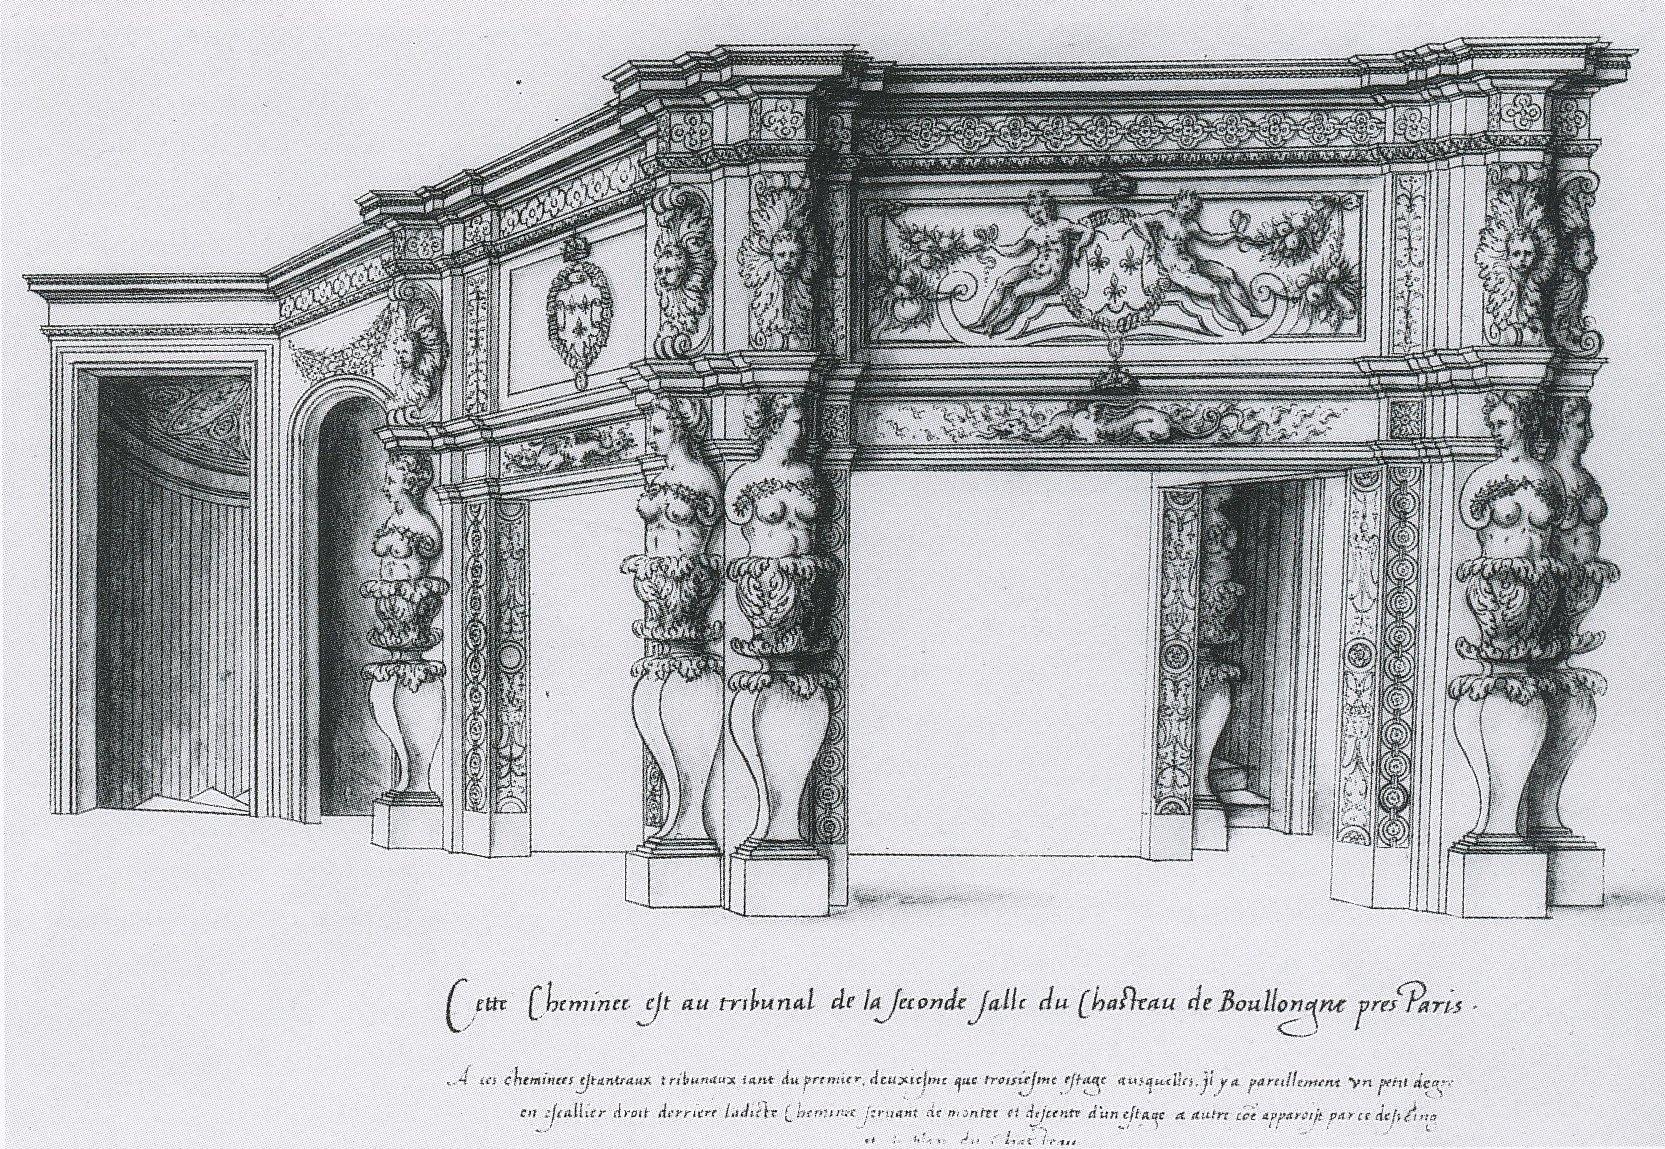 FileMantelpiece Chateau De Madrid Paris Drawing By Jacques Androuet Du Cerceau